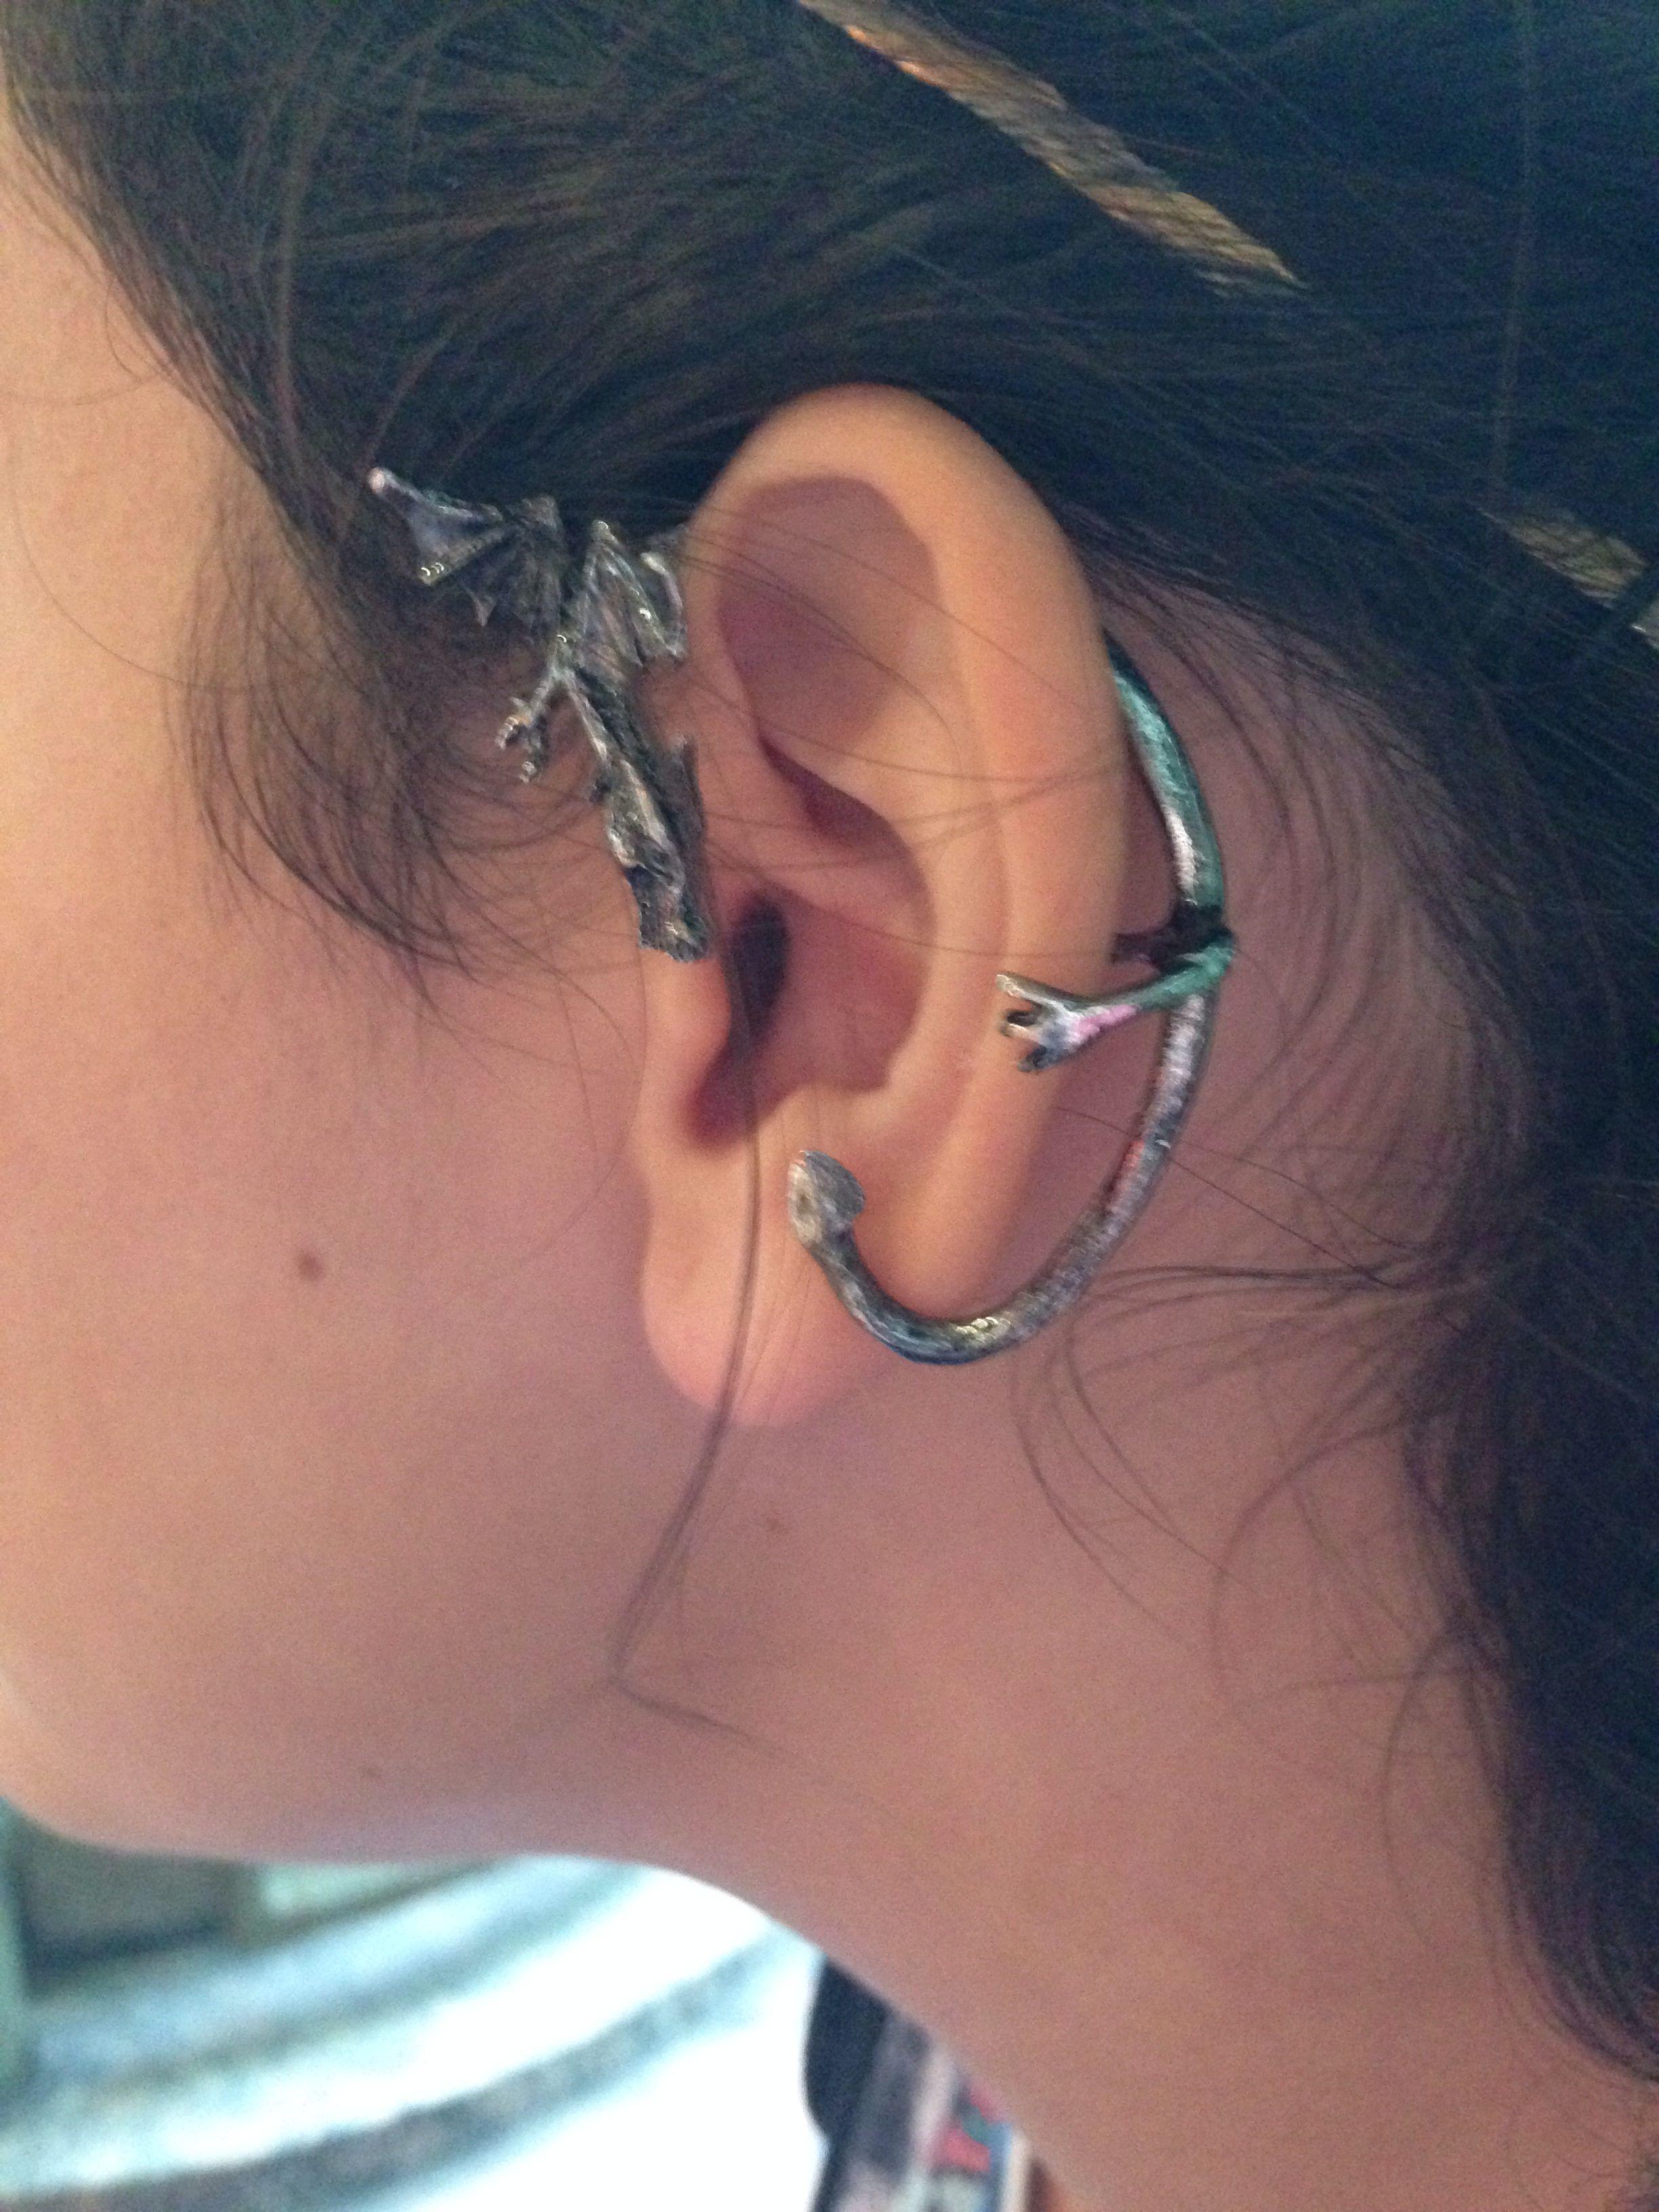 G dragon nose piercing  Got a really cool dragon ear cuff as a souvenir from the Gen Con